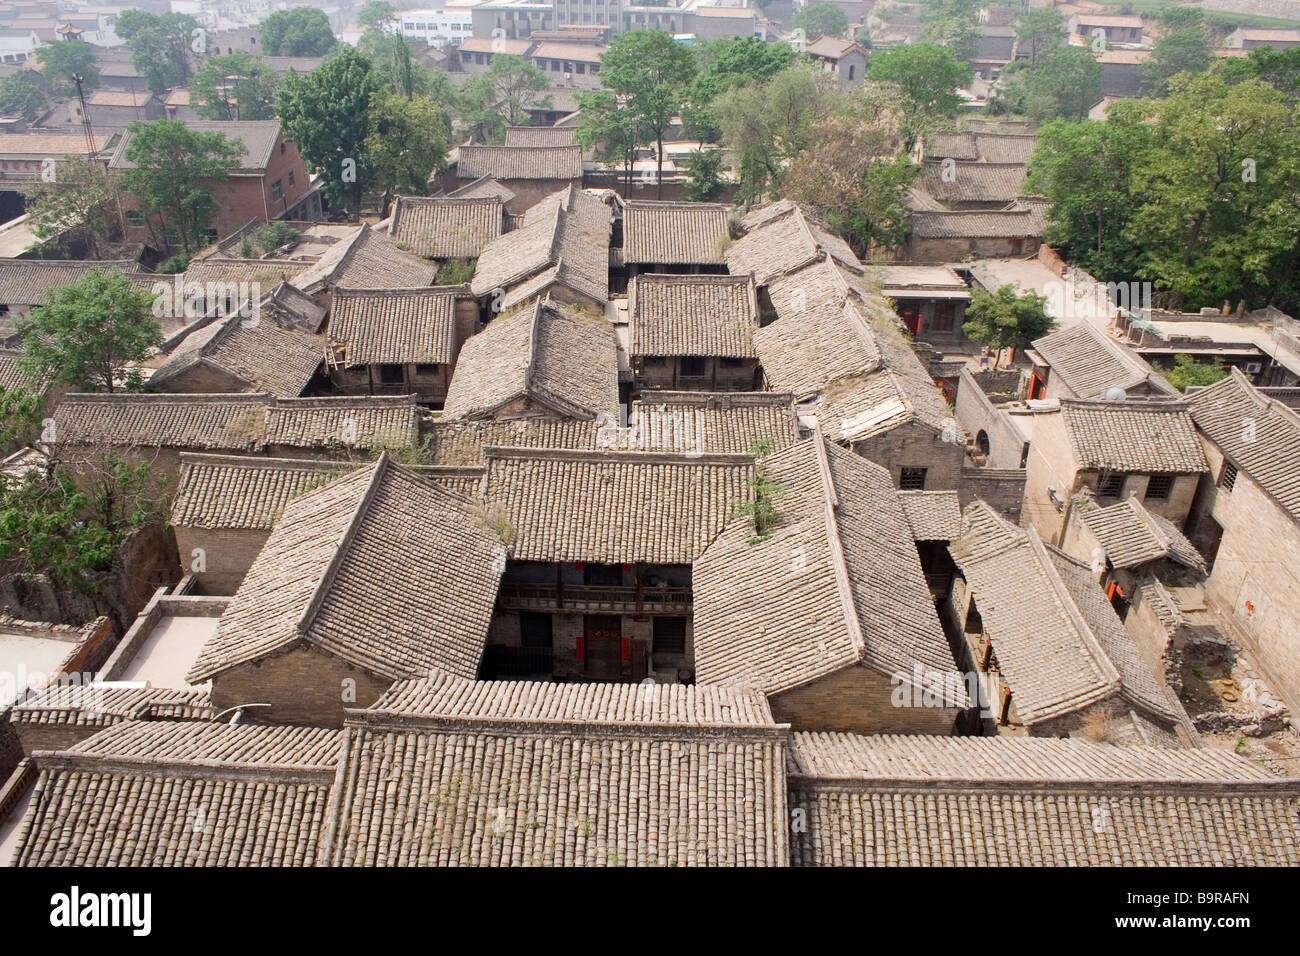 Jincheng shanxi